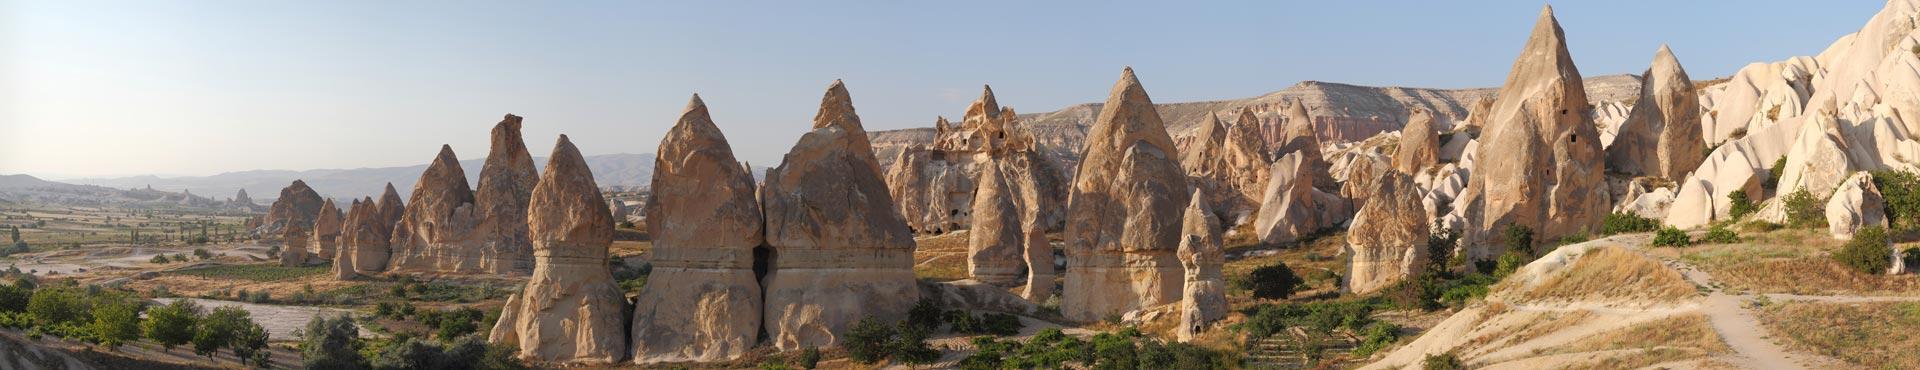 Cappadocia_Chimneys